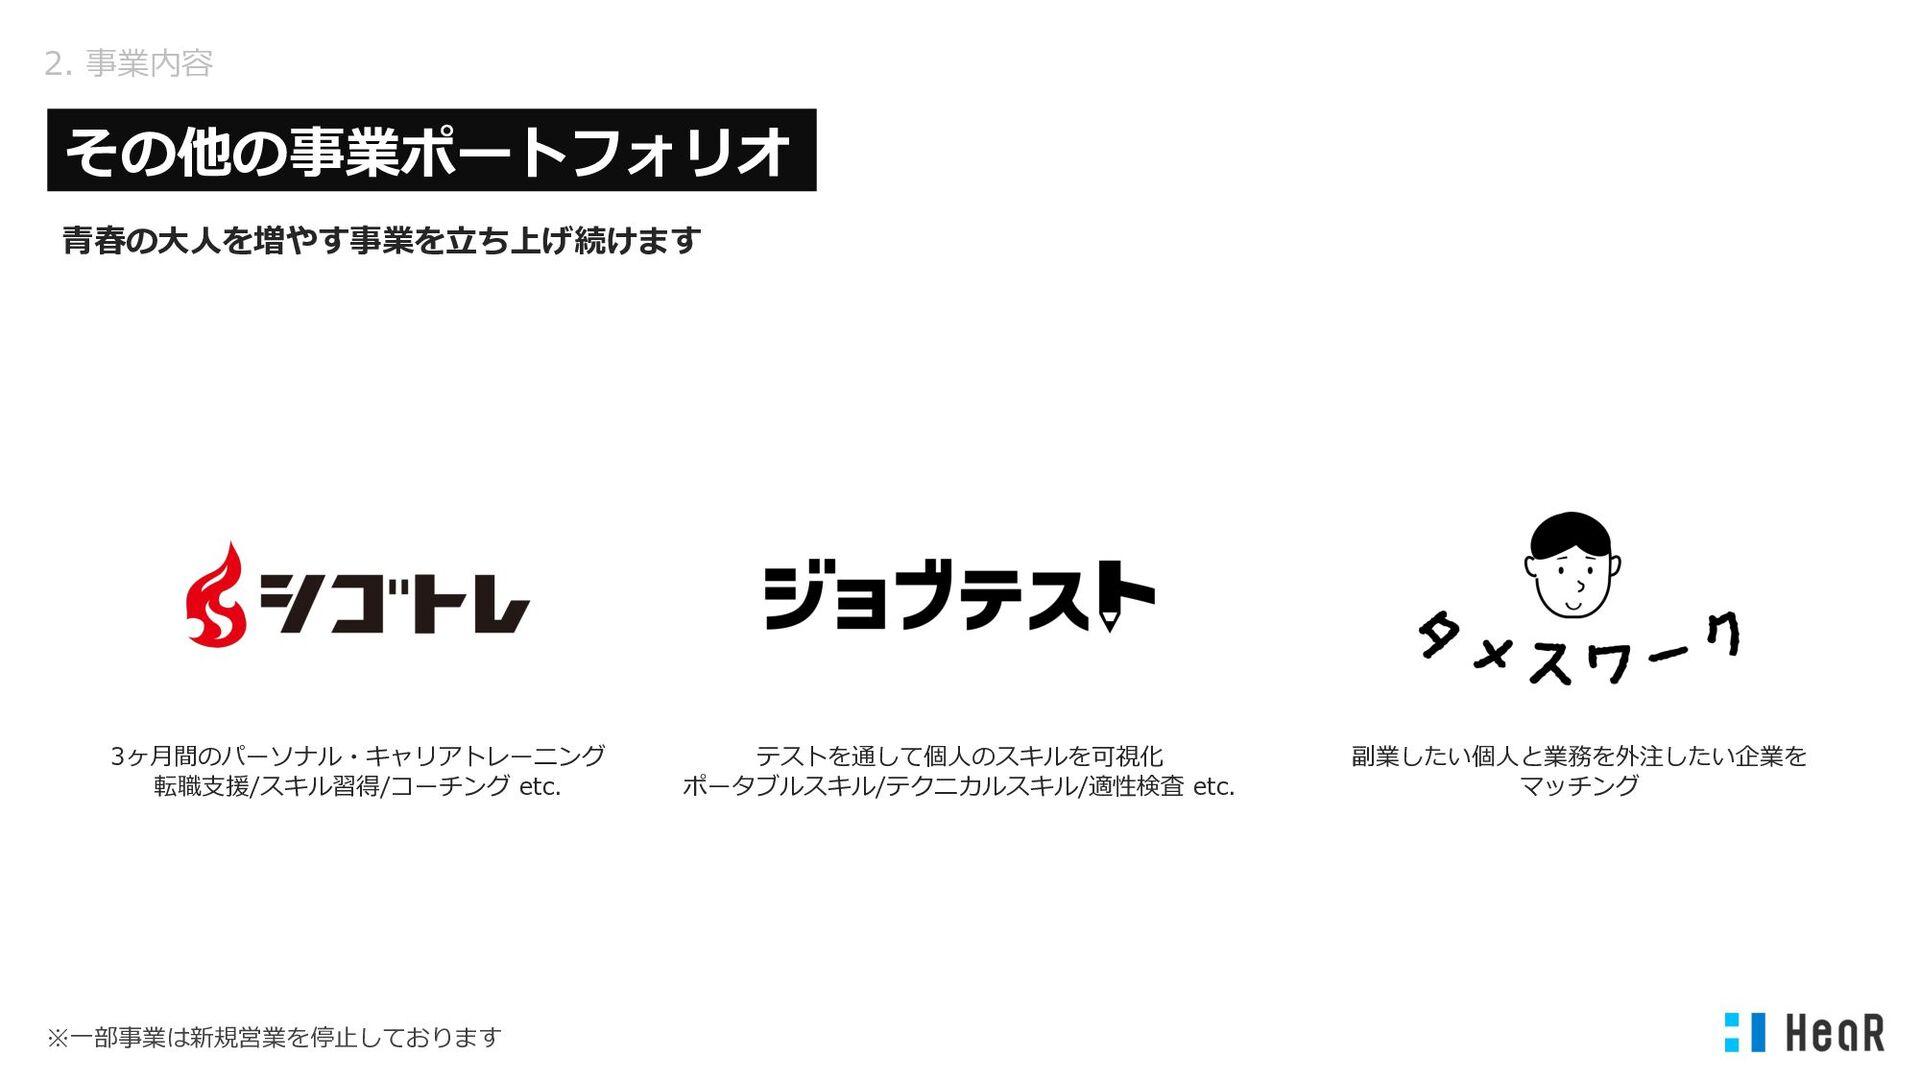 02 シゴトレ パーソナル・キャリアトレーニング